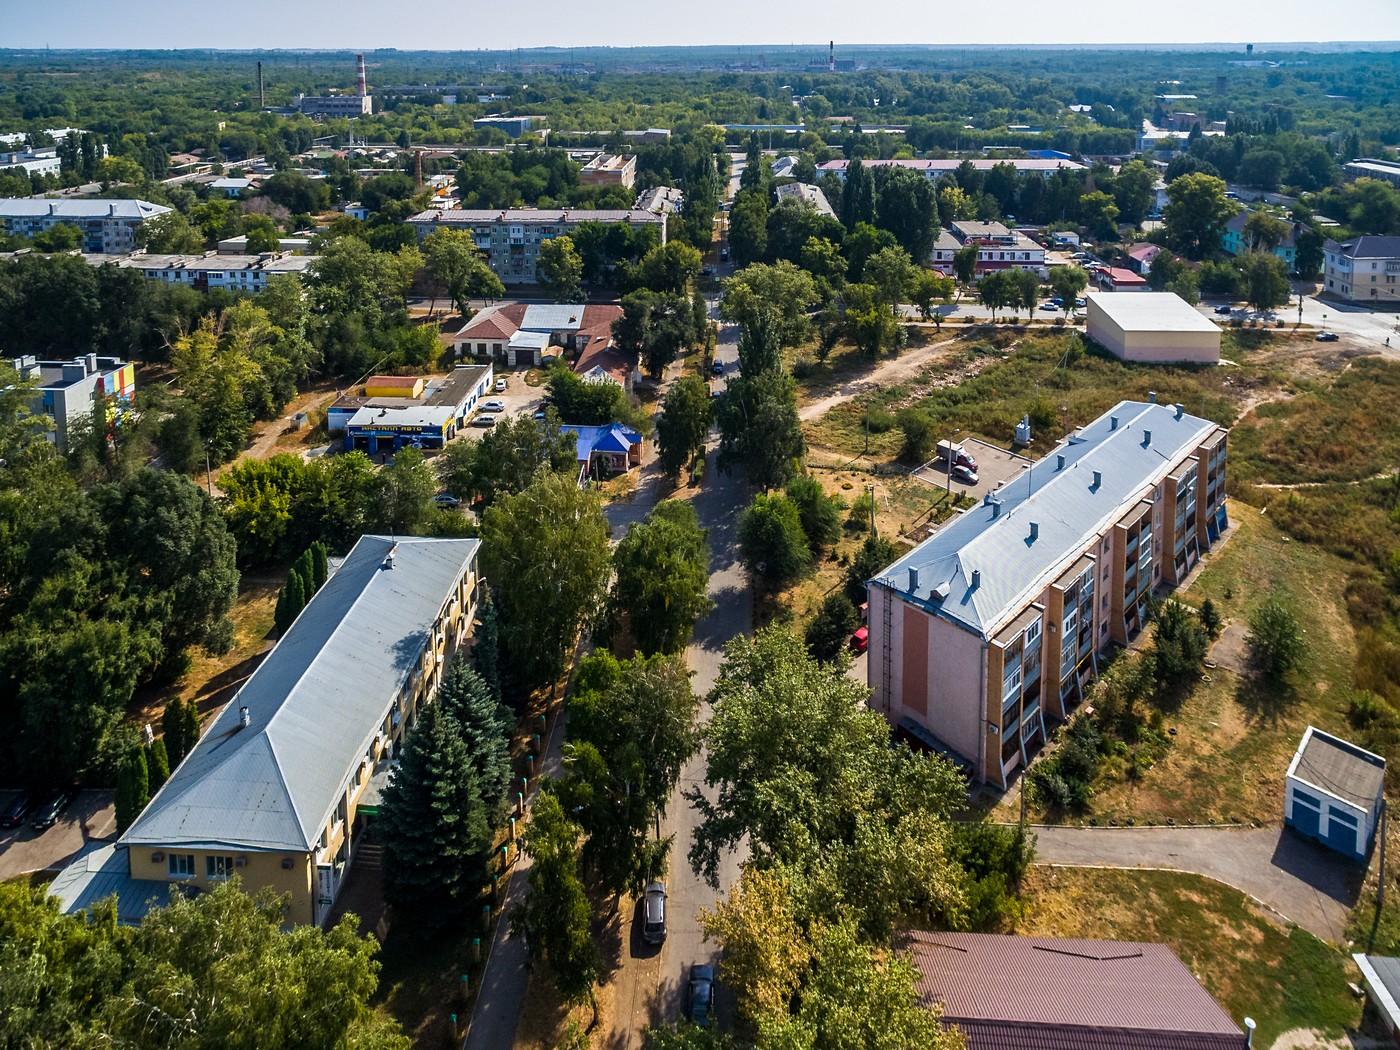 что путаете, посмотреть фото города чапаевск следующая обезьянка тоже